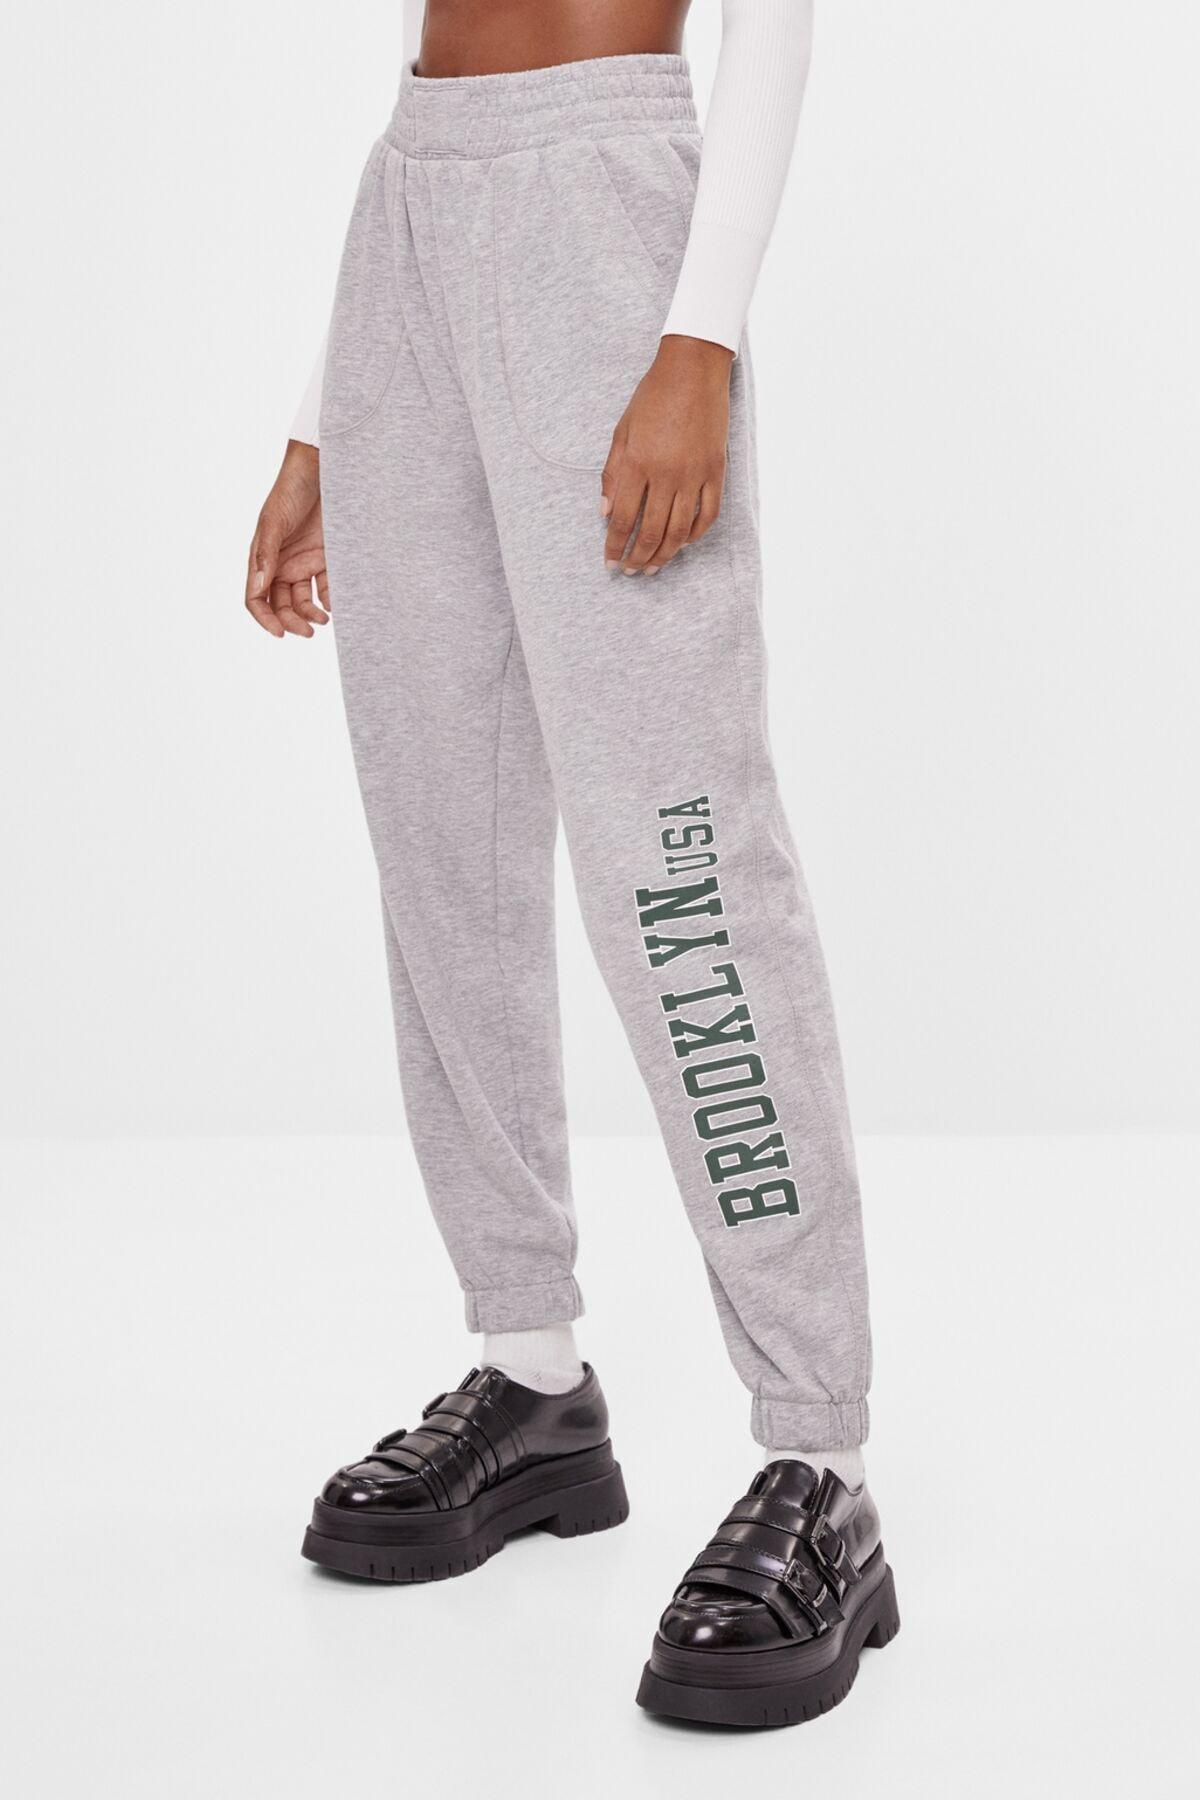 Bershka Kadın Gri Baskılı Jogging Fit Pantolon 05219443 2